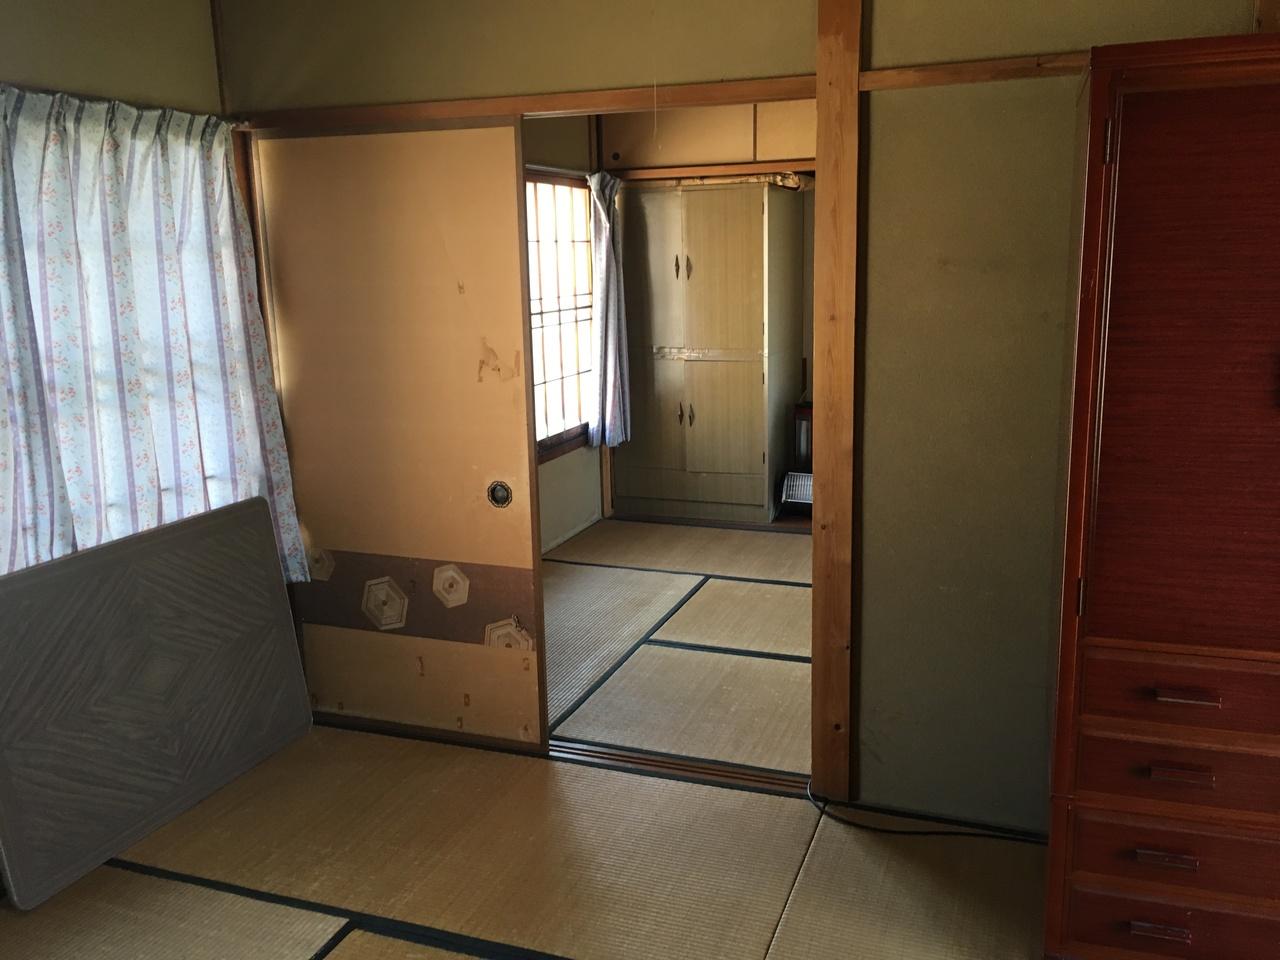 増築部分の和室です。あまり使用されなかったとの事で状態はいいです。